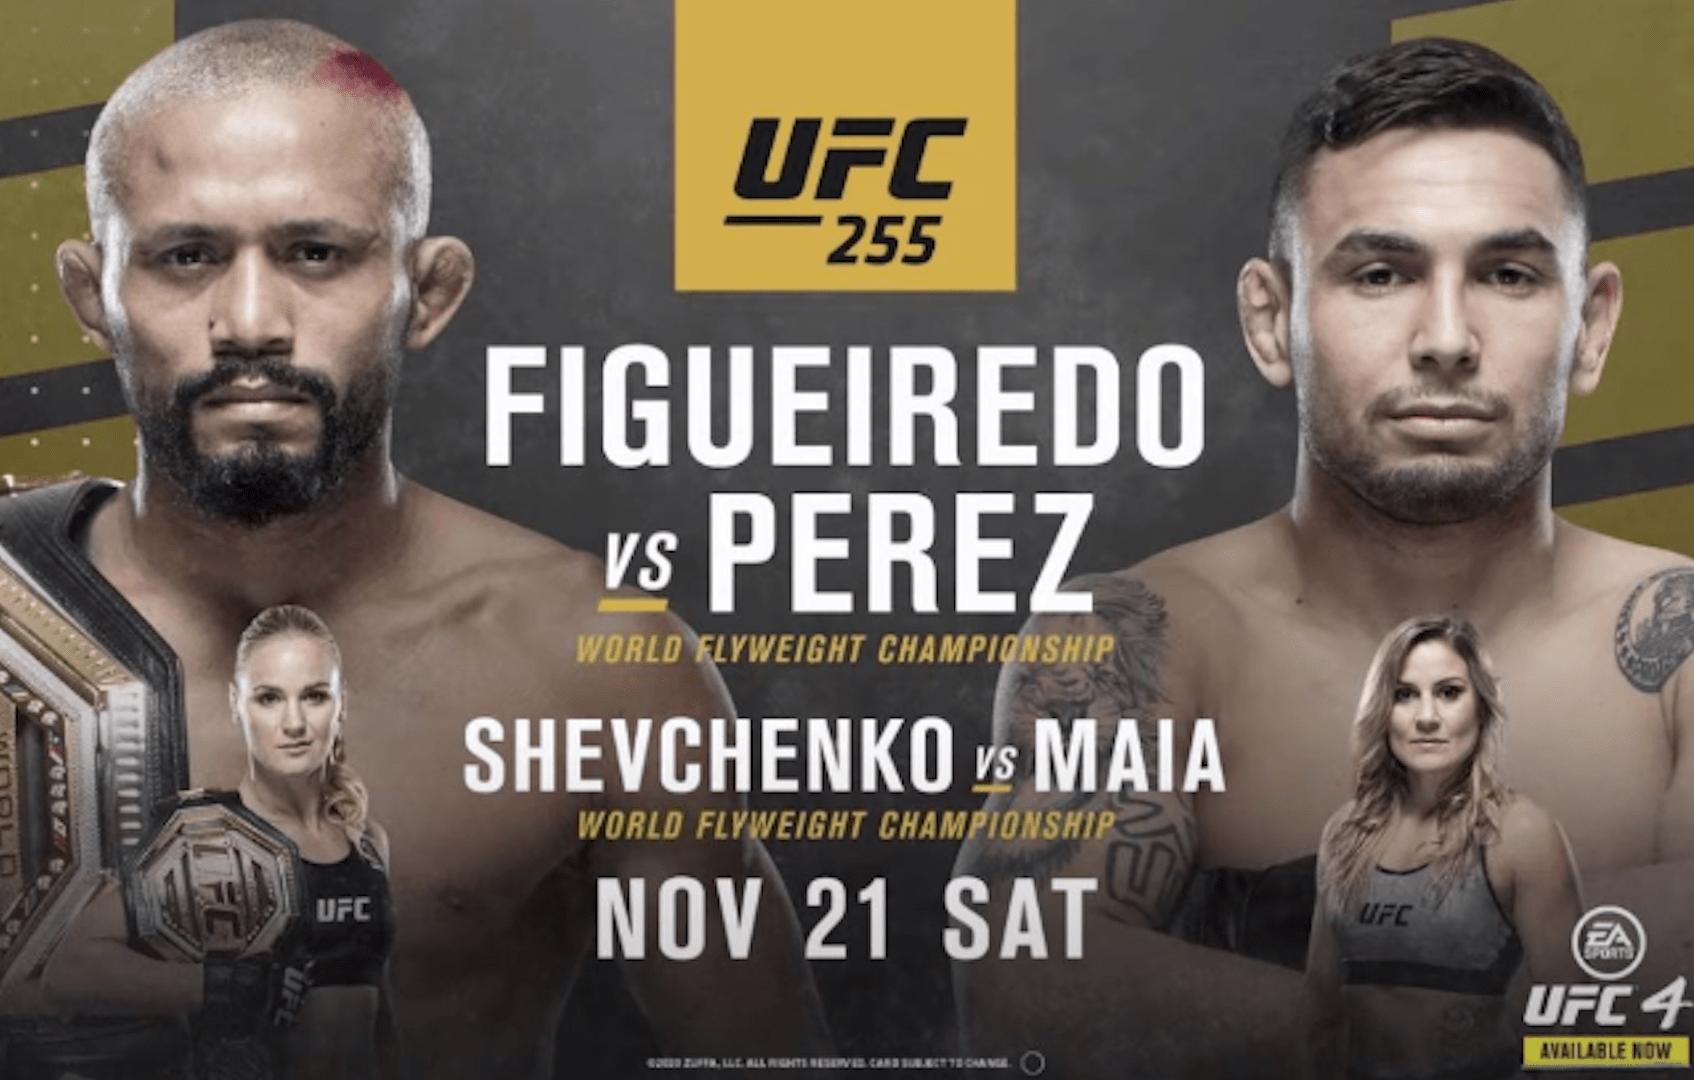 UFC 255 results: Deiveson Figueiredo vs Alex Perez